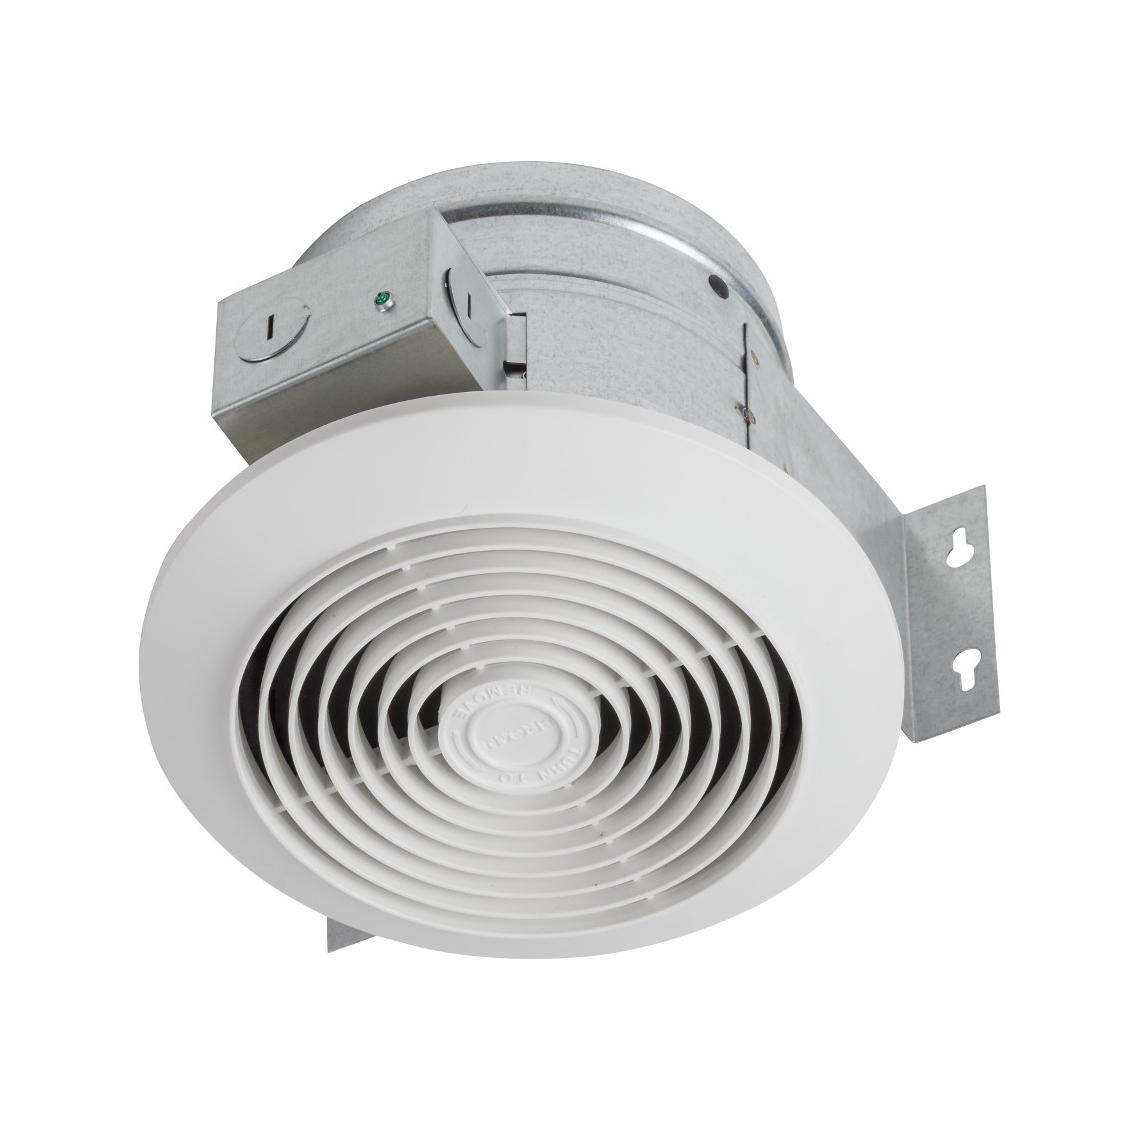 broan 673 vertical discharge bathroom exhaust fan walmart com